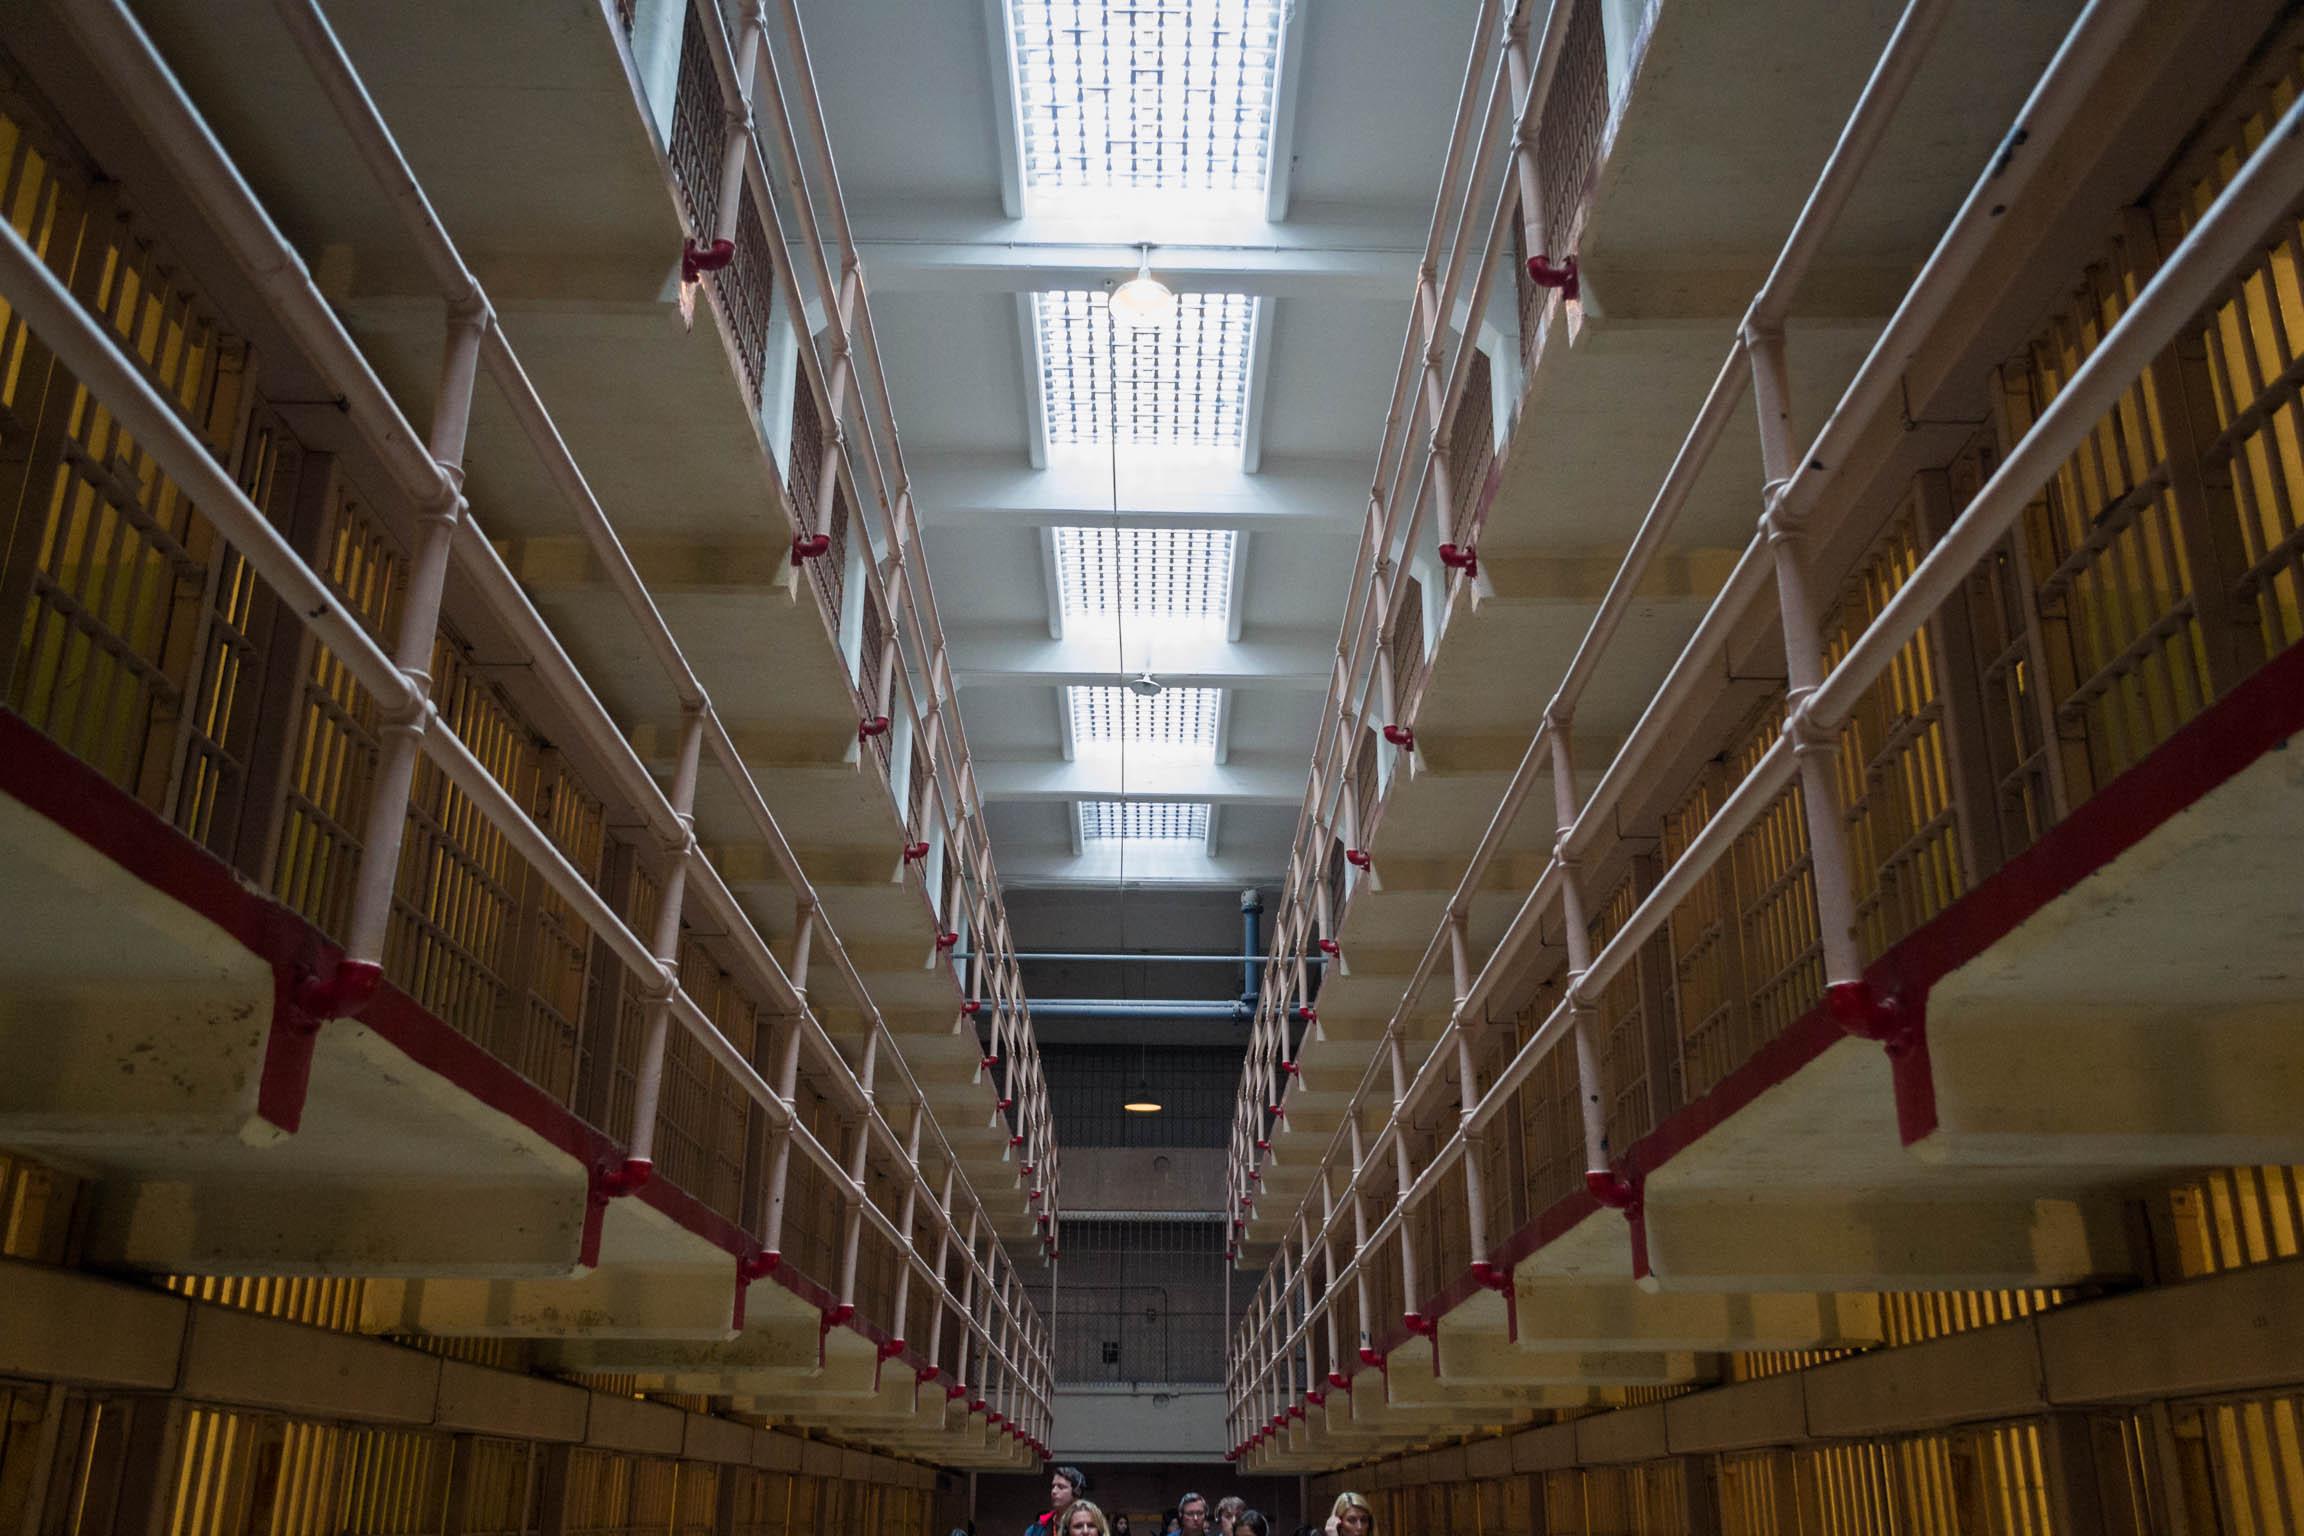 Les allées de la prison, des rangées de cellules sur 3 étages organisées en blocs